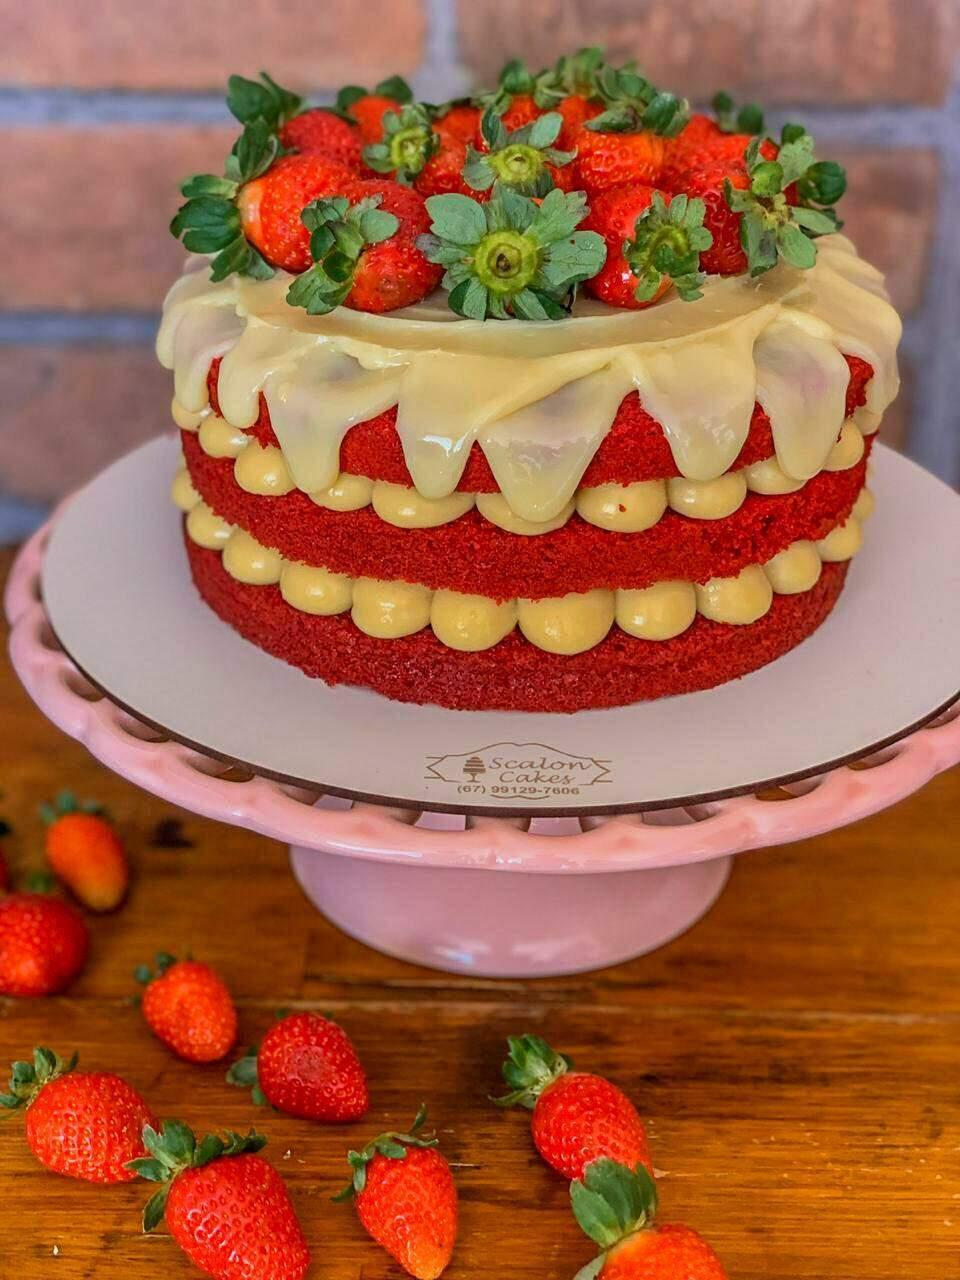 Aquele bolo recheado e decorado com morangos. (Foto: Tom de Markenting)